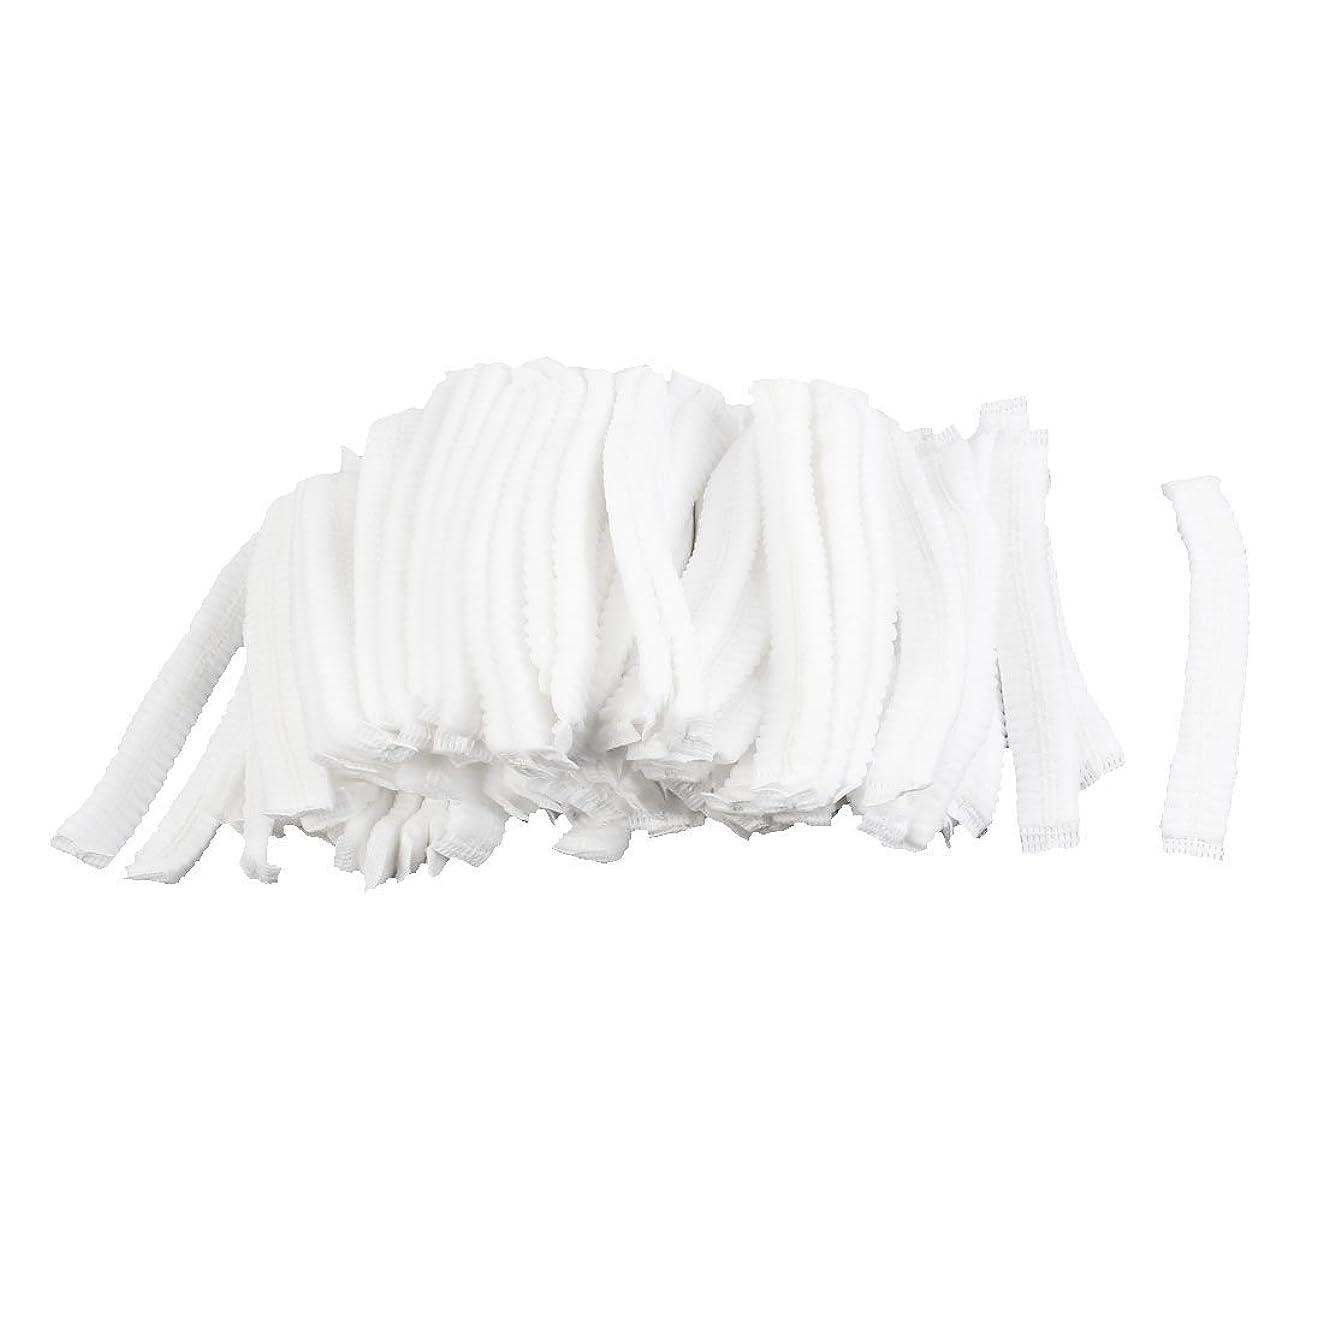 会計士海岸地区uxcell シャワーキャップ 白い 不織布 使い捨て 防塵 100個入り